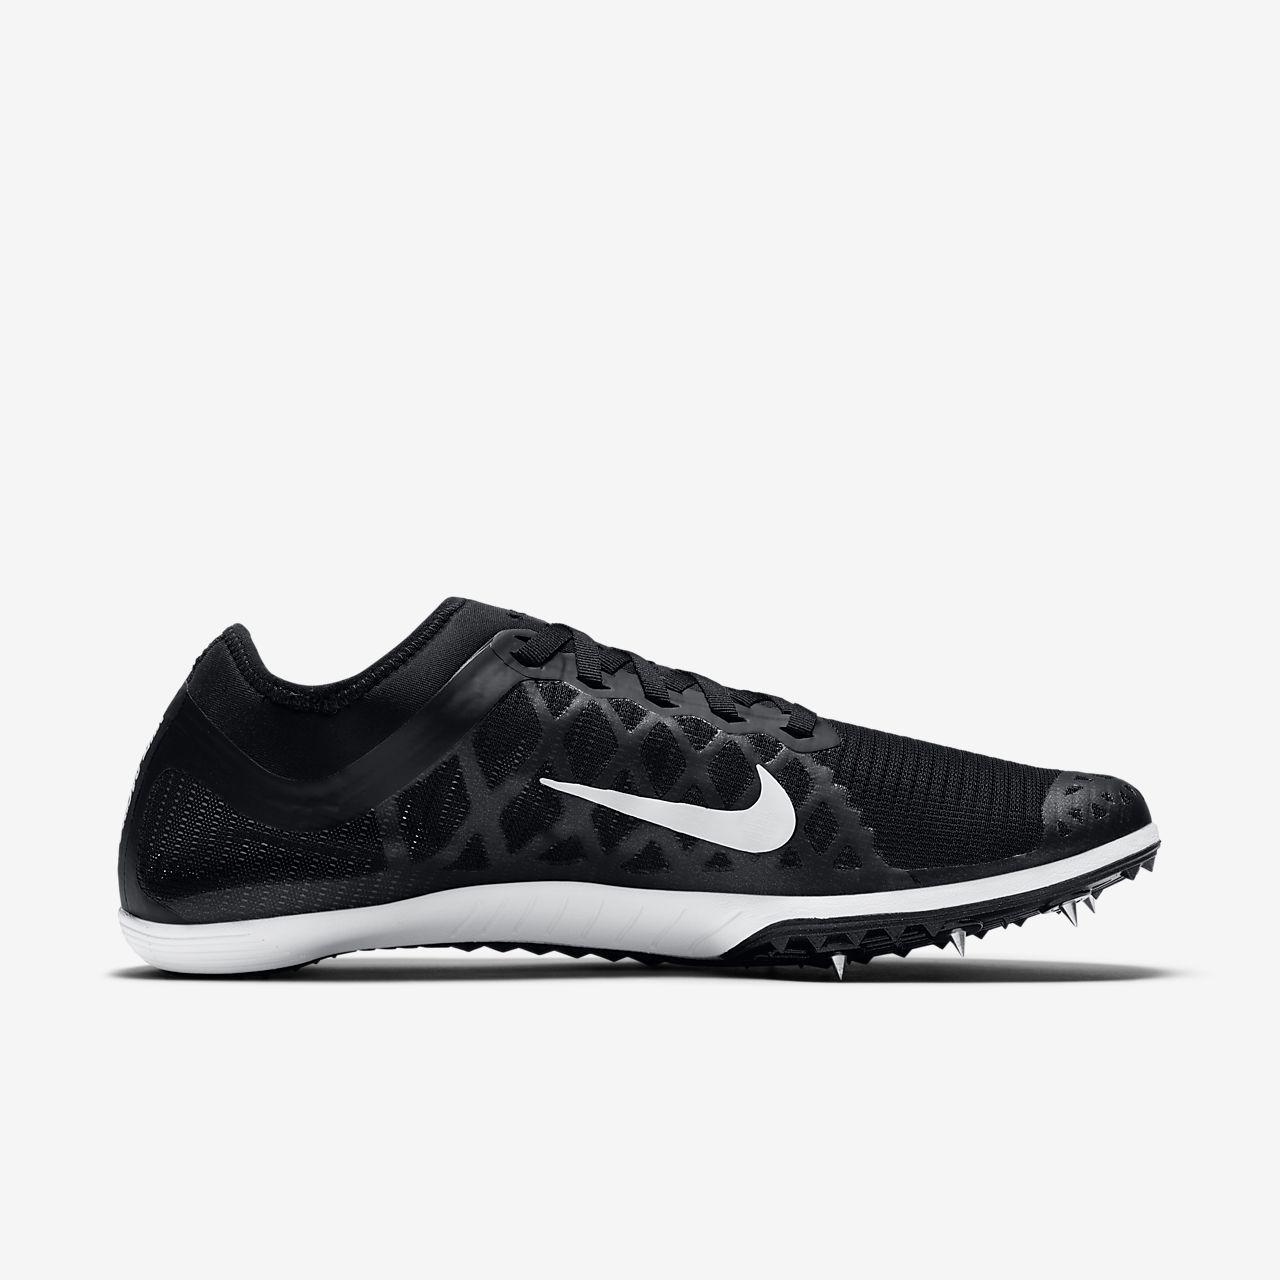 Nike Zoom Mamba